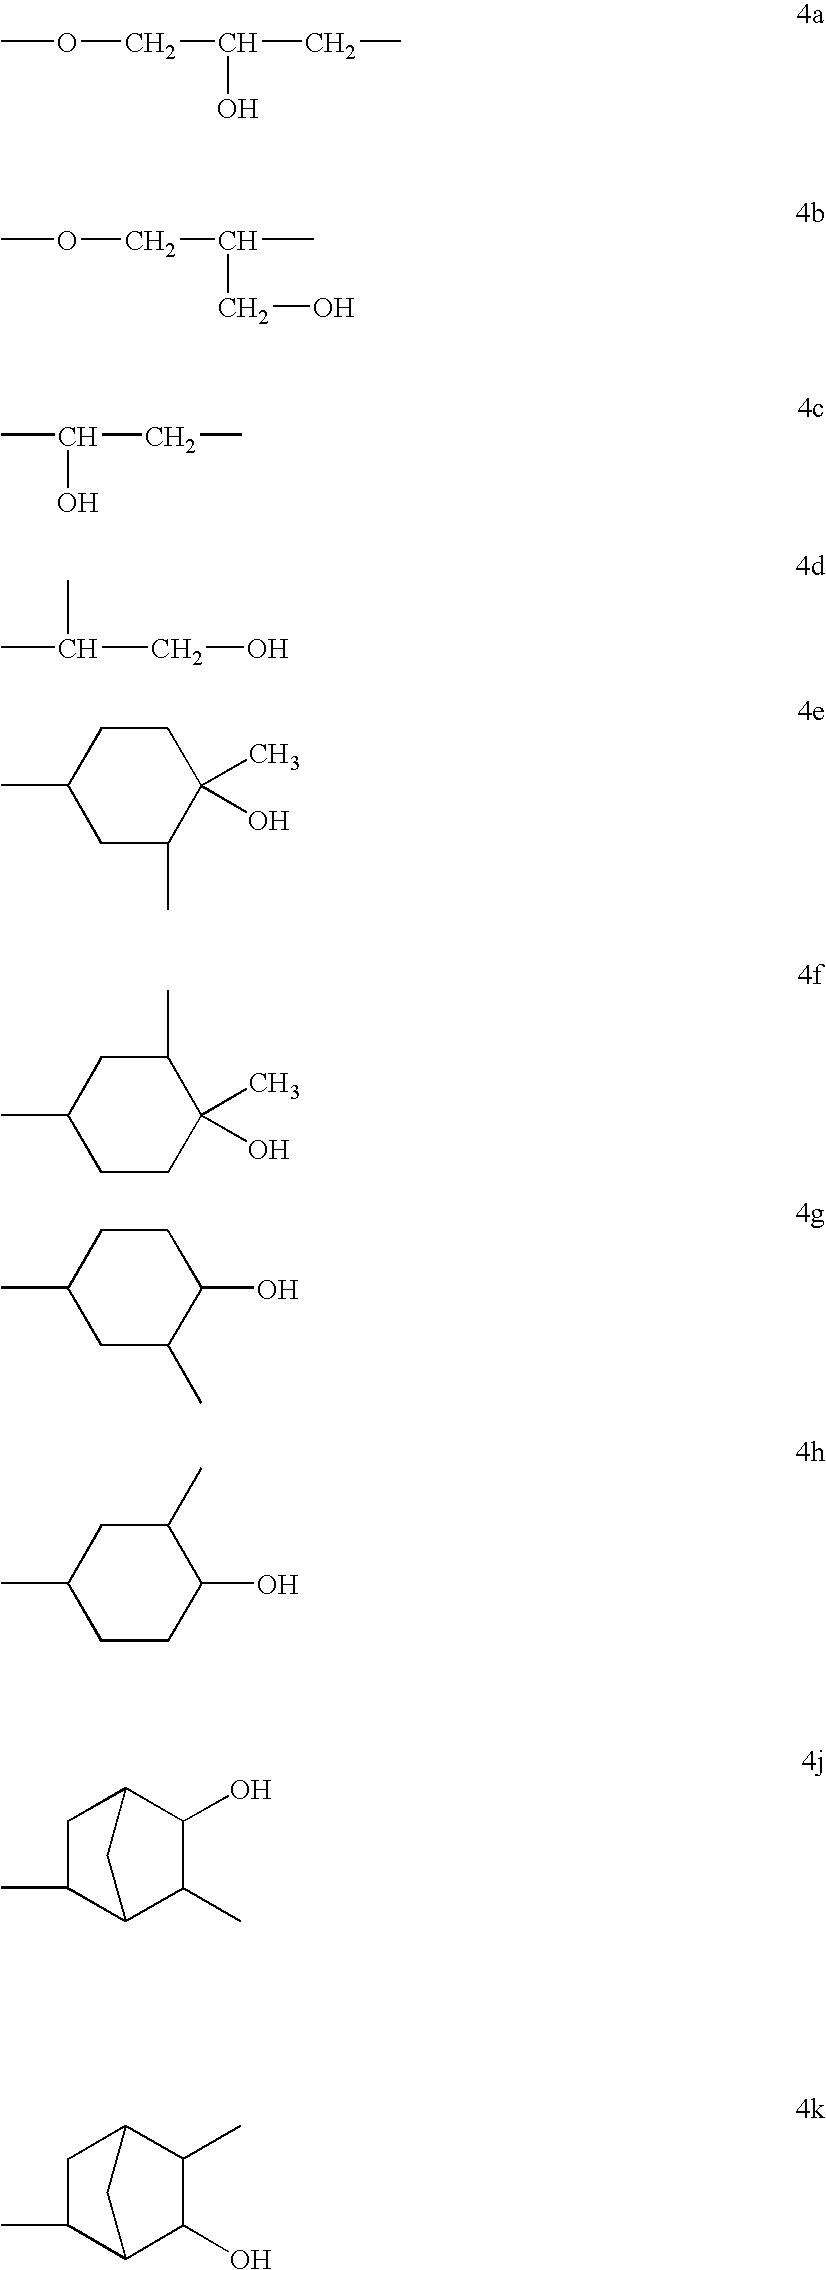 Figure US20070128143A1-20070607-C00003